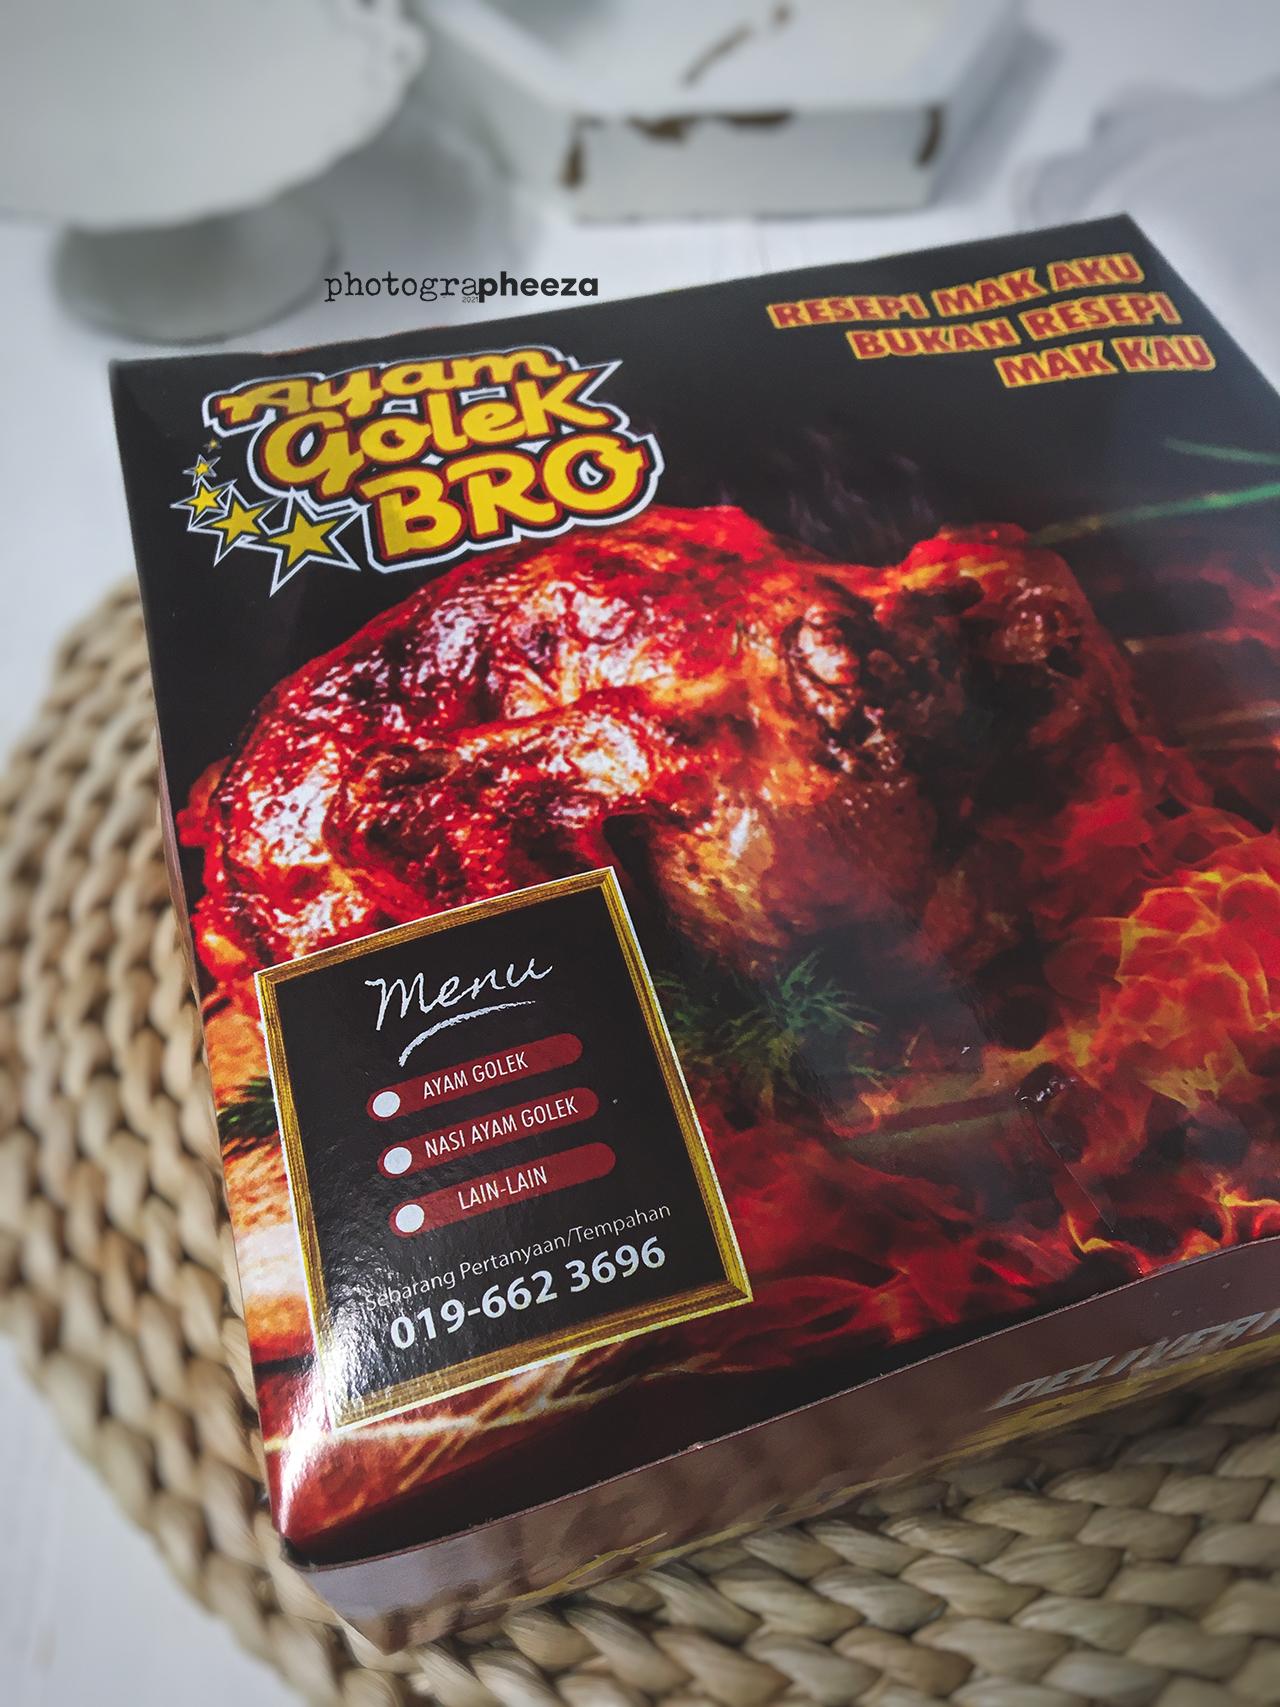 Ayam Golek Bro Resepi Mak Aku Bukan Resepi Mak Kau